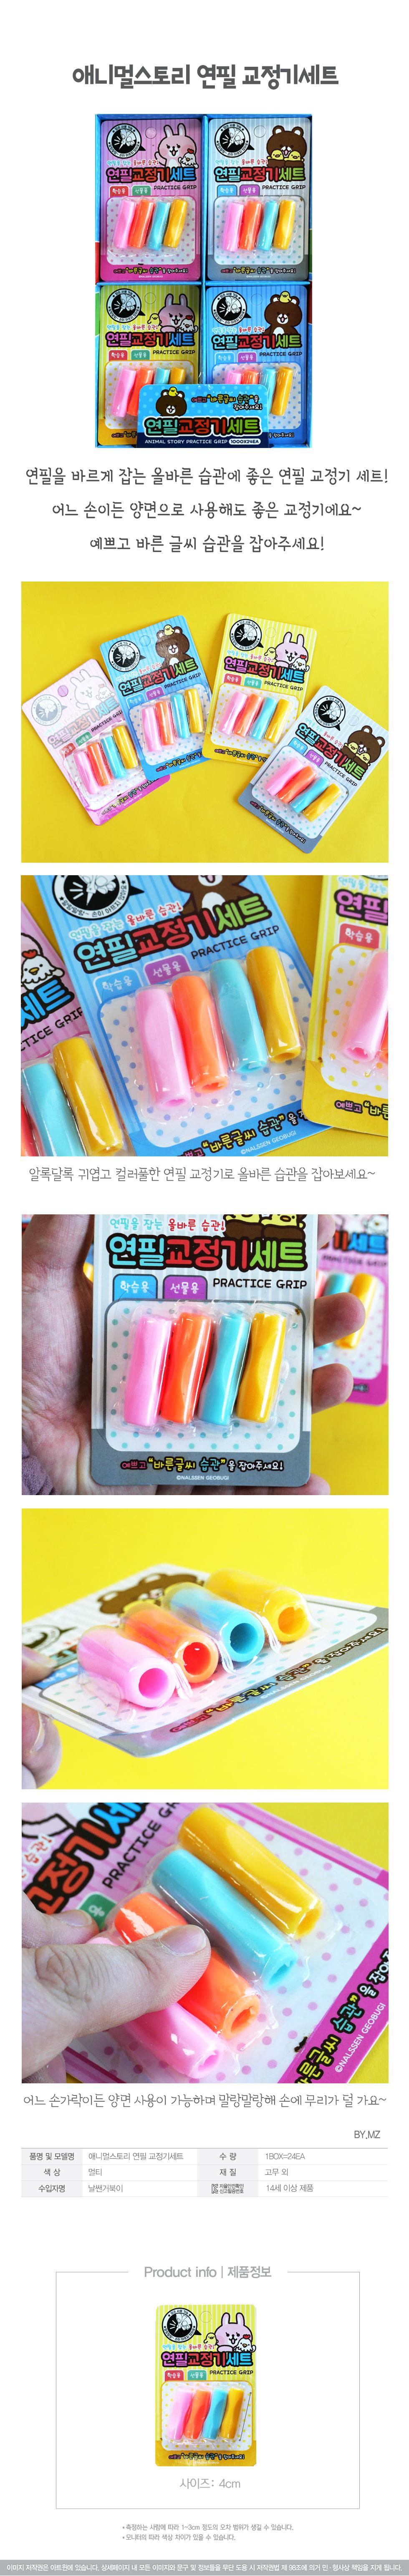 1000애니멀스토리연필교정기세트BOX(24EA) - 아트윈, 23,900원, 필기구 소품, 연필캡